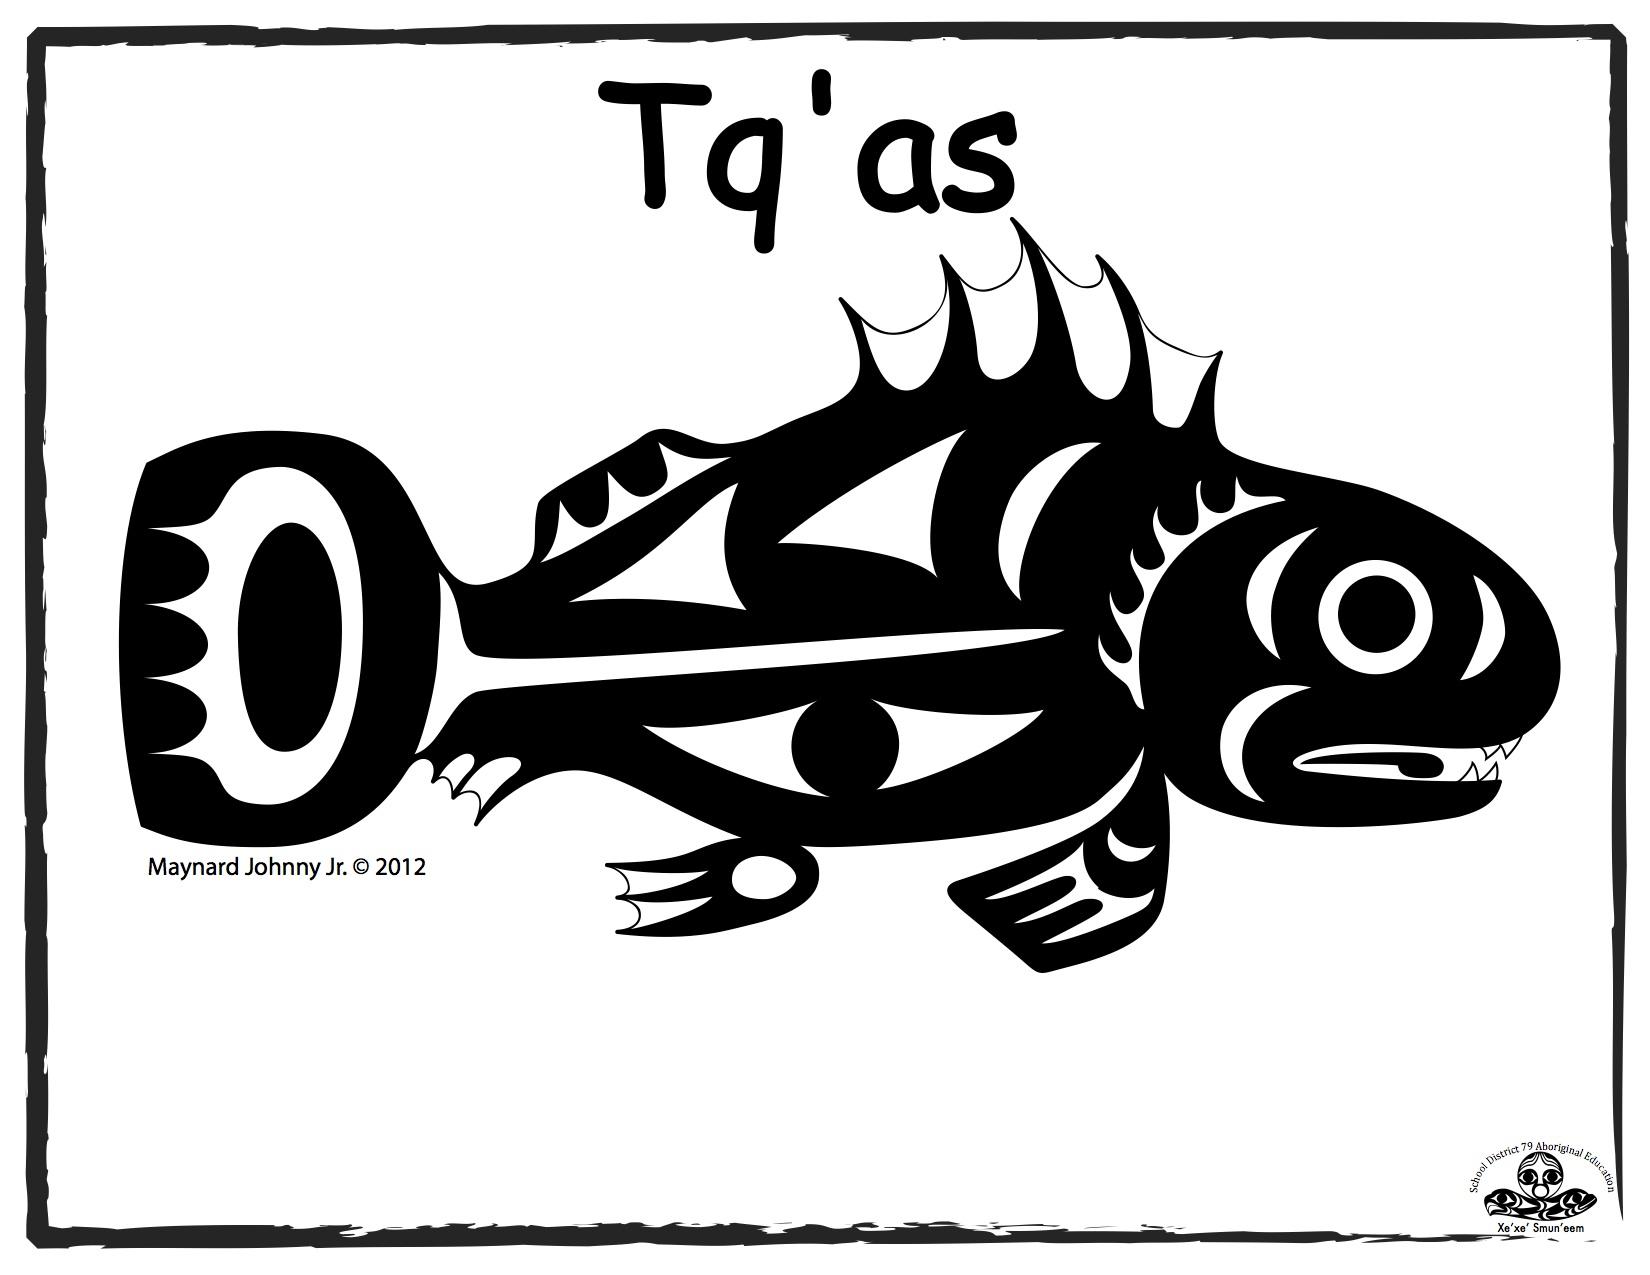 cod-tqas